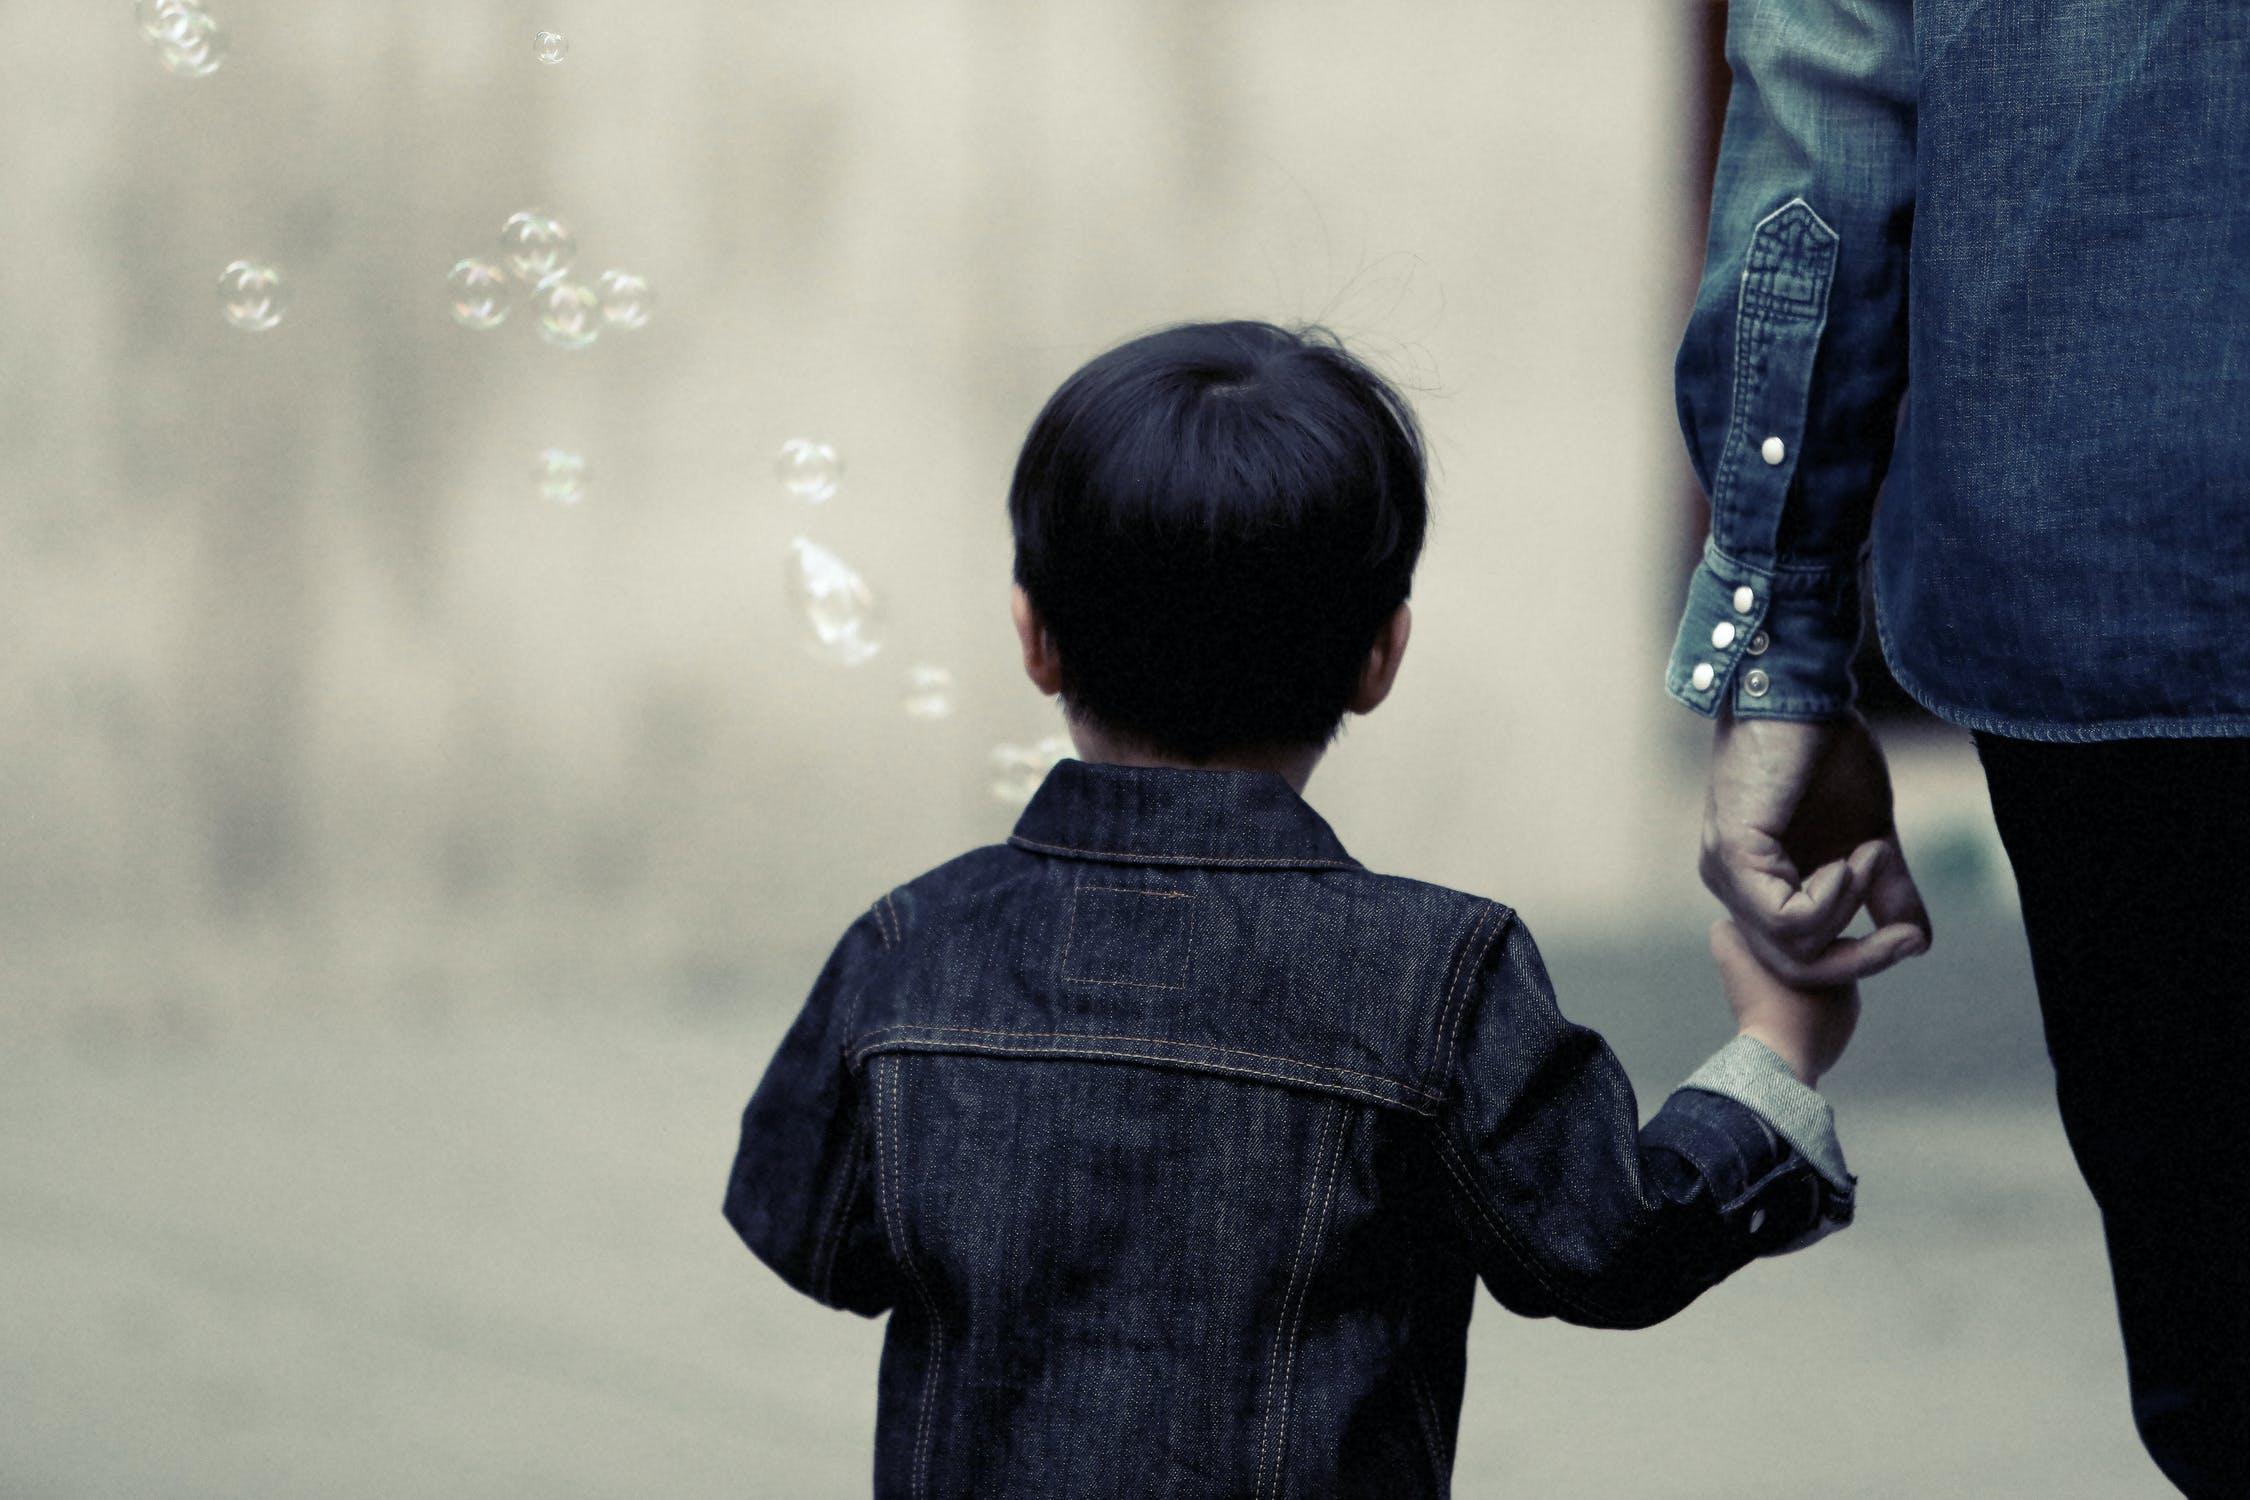 男の子と手をつなぐ人